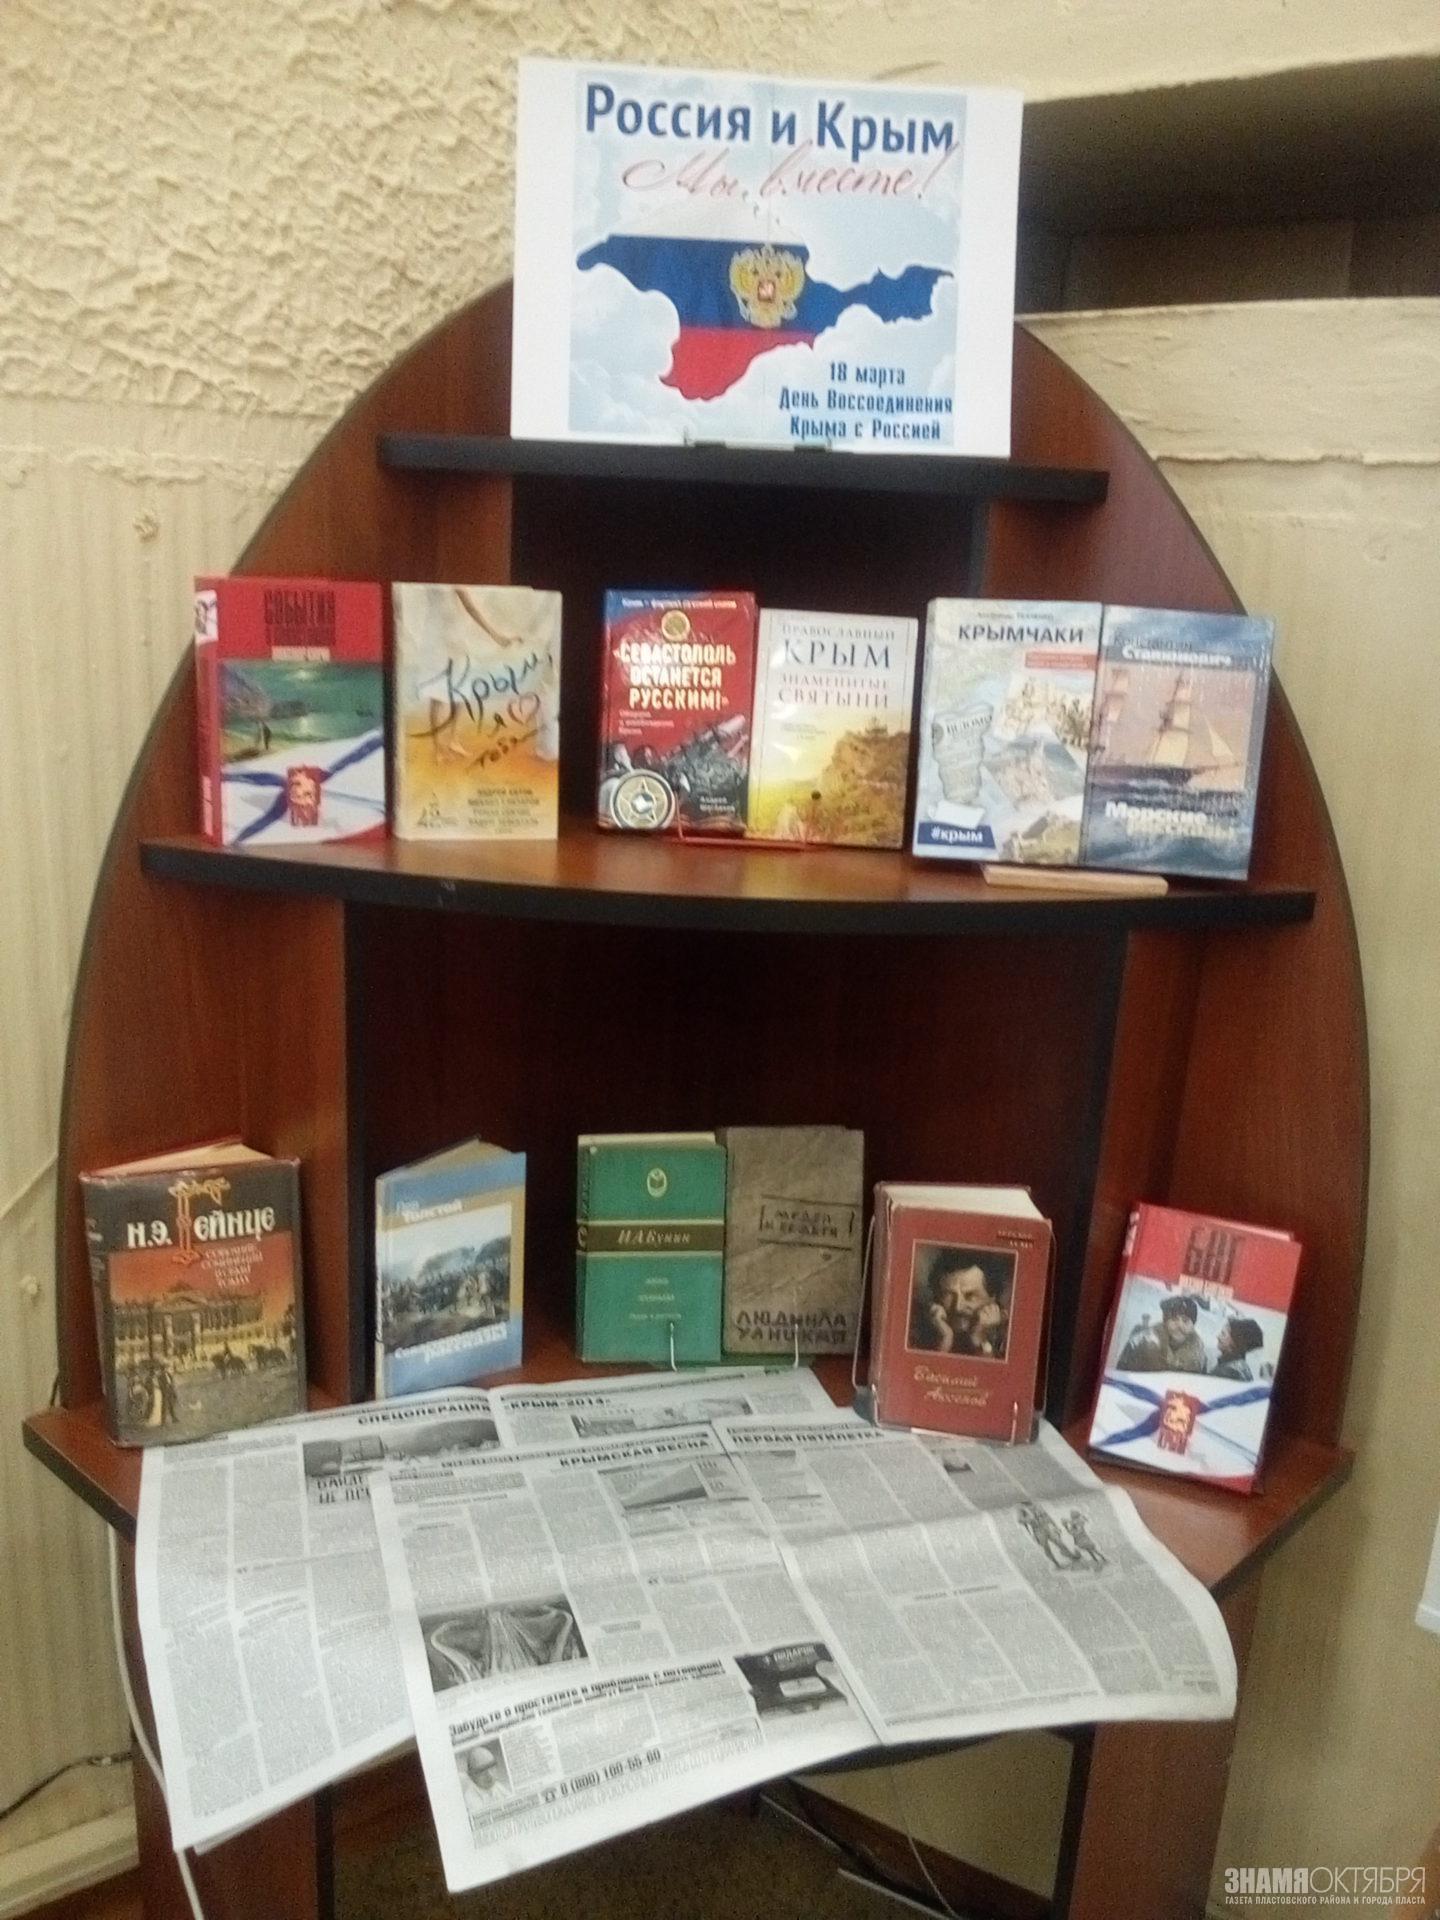 Виртуальный  экскурс в историю «Крым и Россия – общая судьба».